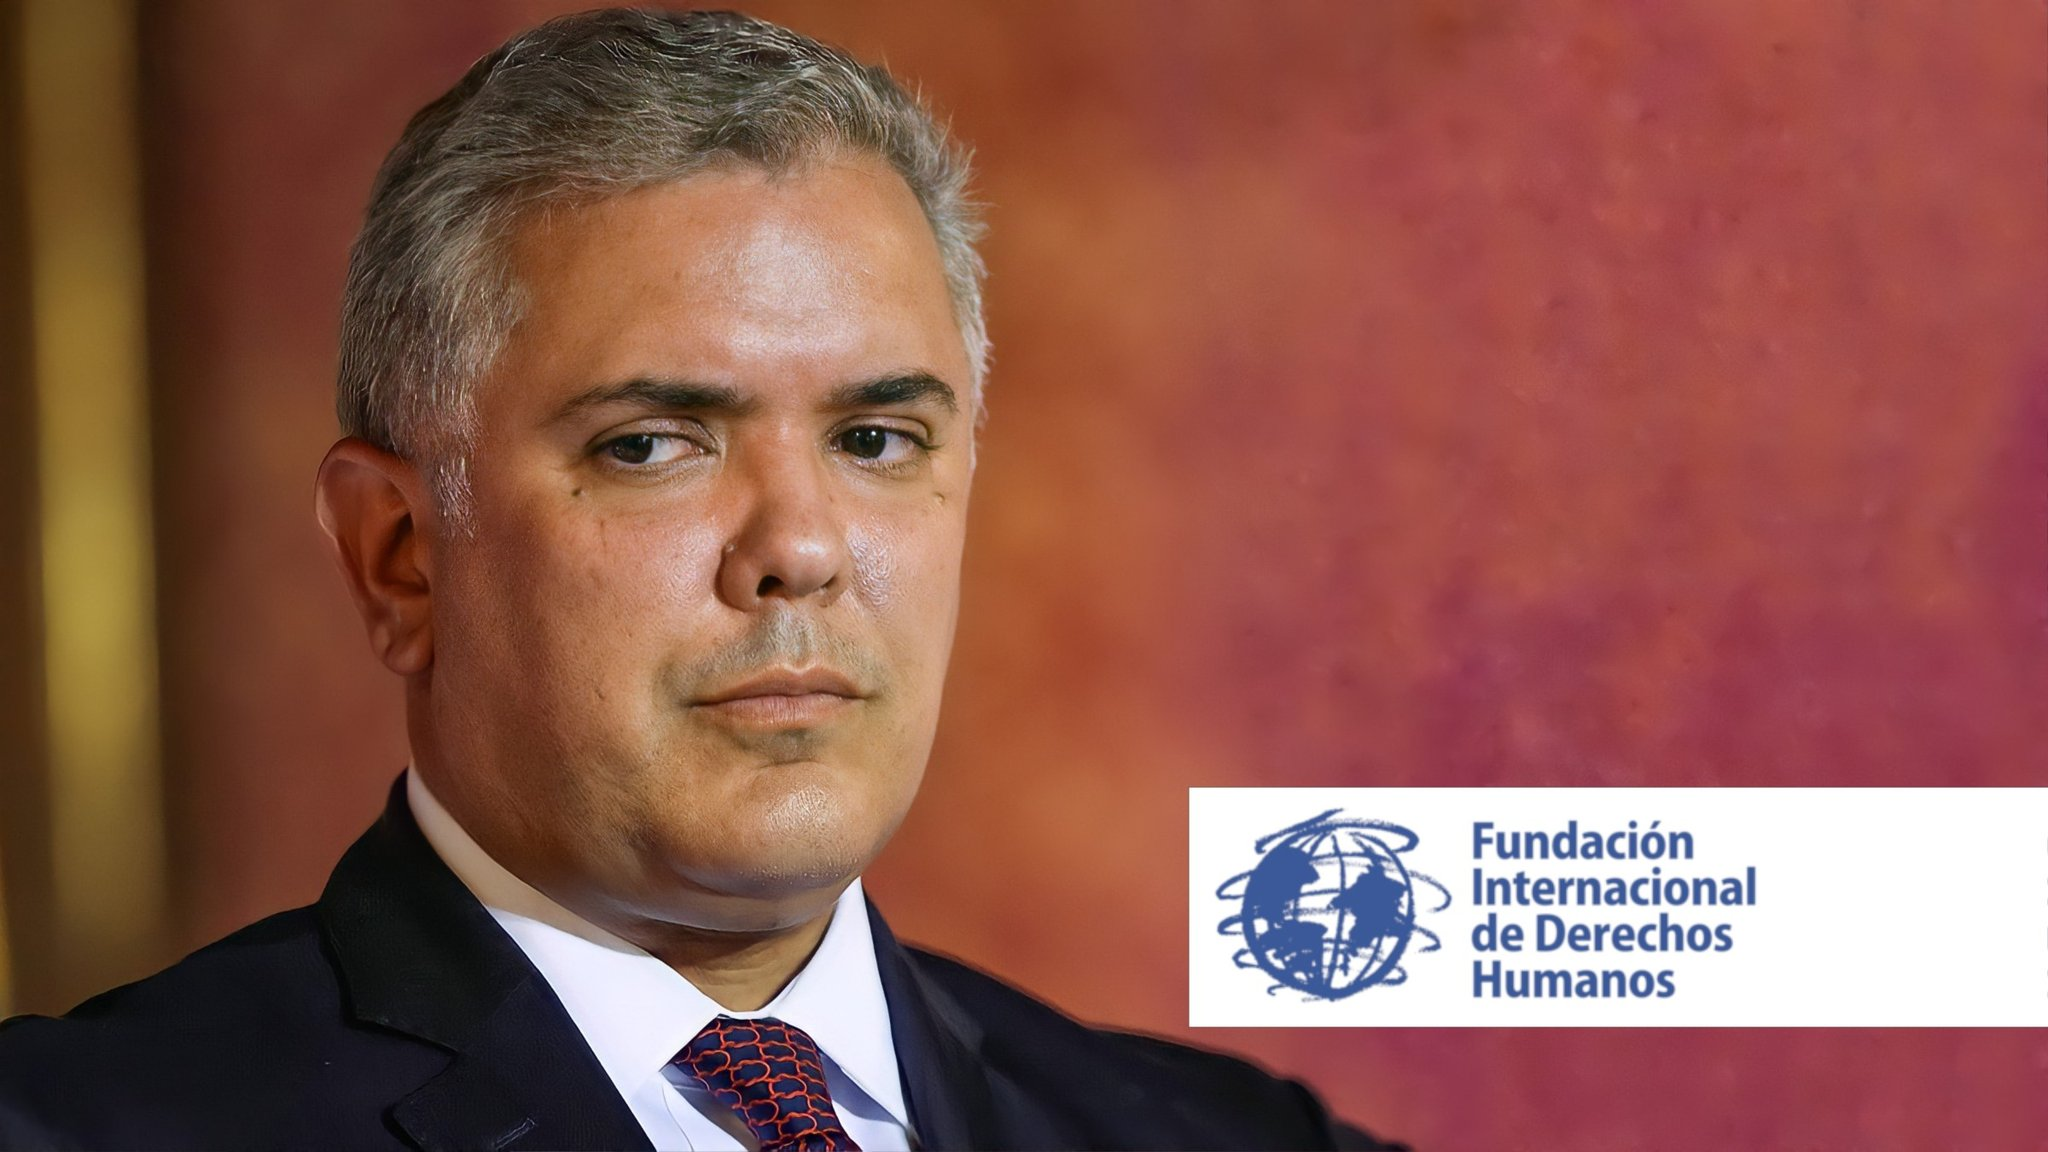 Lo que está matando al periodismo en Colombia